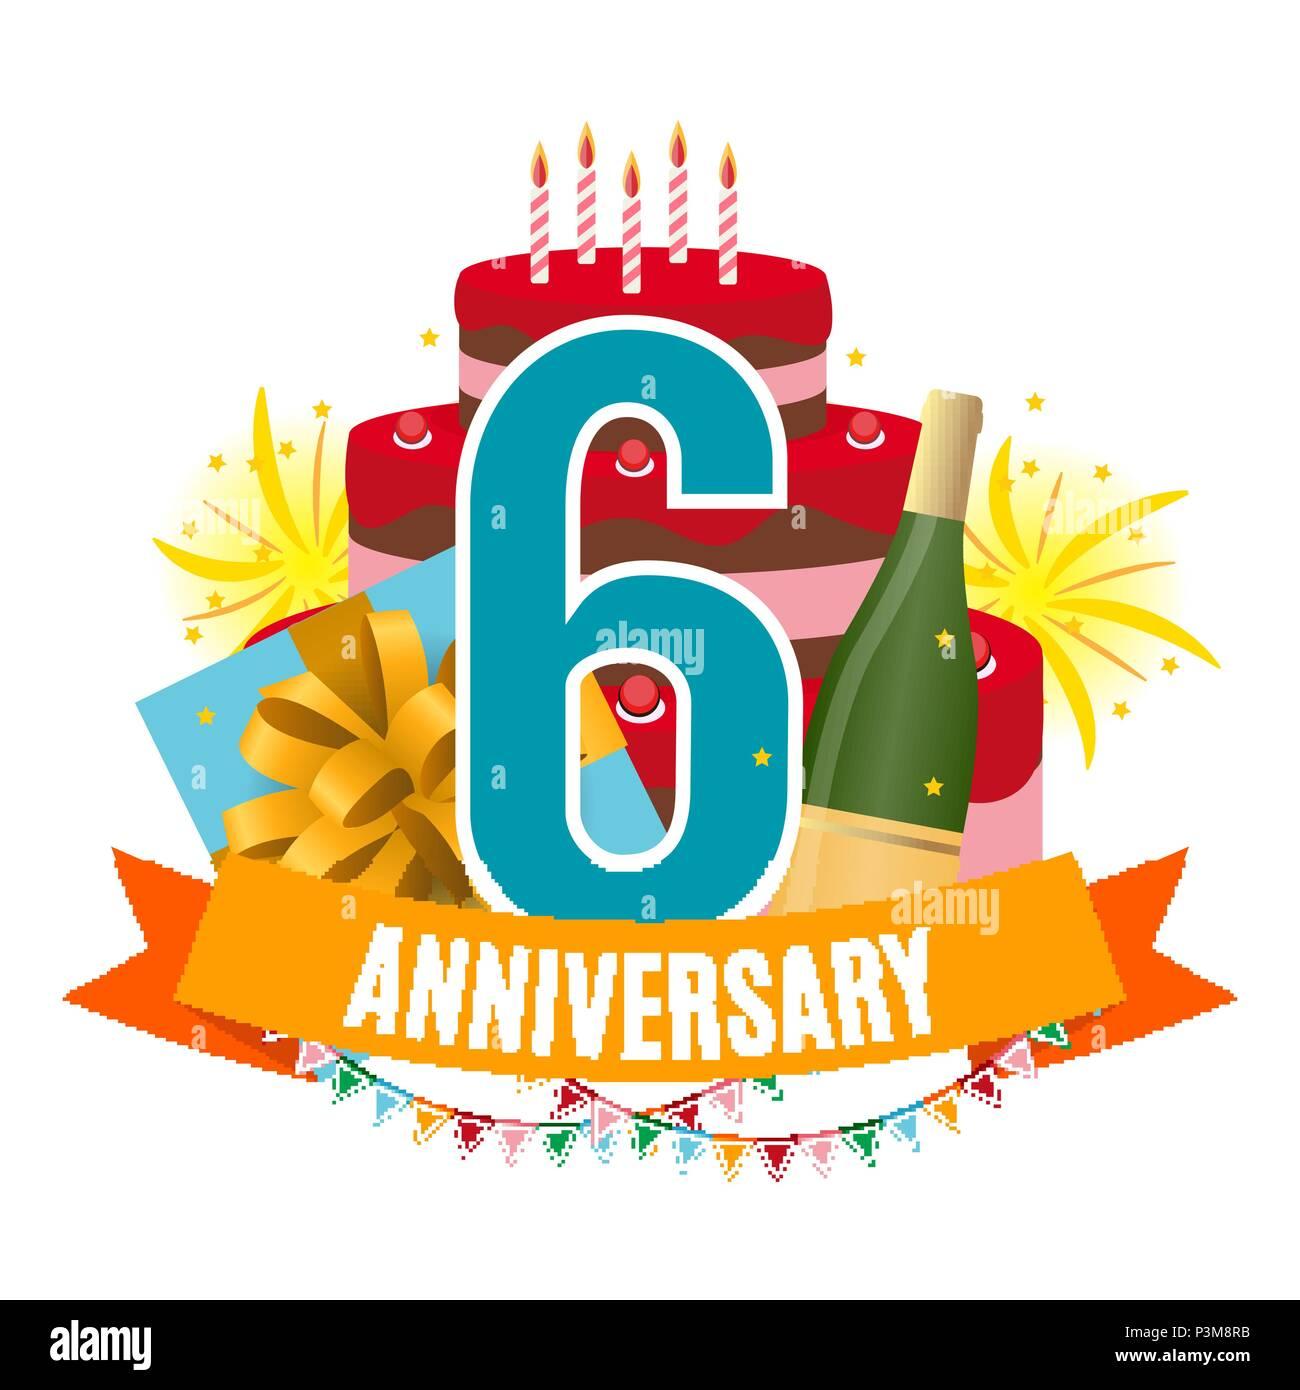 Anniversario Matrimonio Sei Anni.Dima 6 Anni Di Anniversario Congratulazioni Biglietto Di Auguri